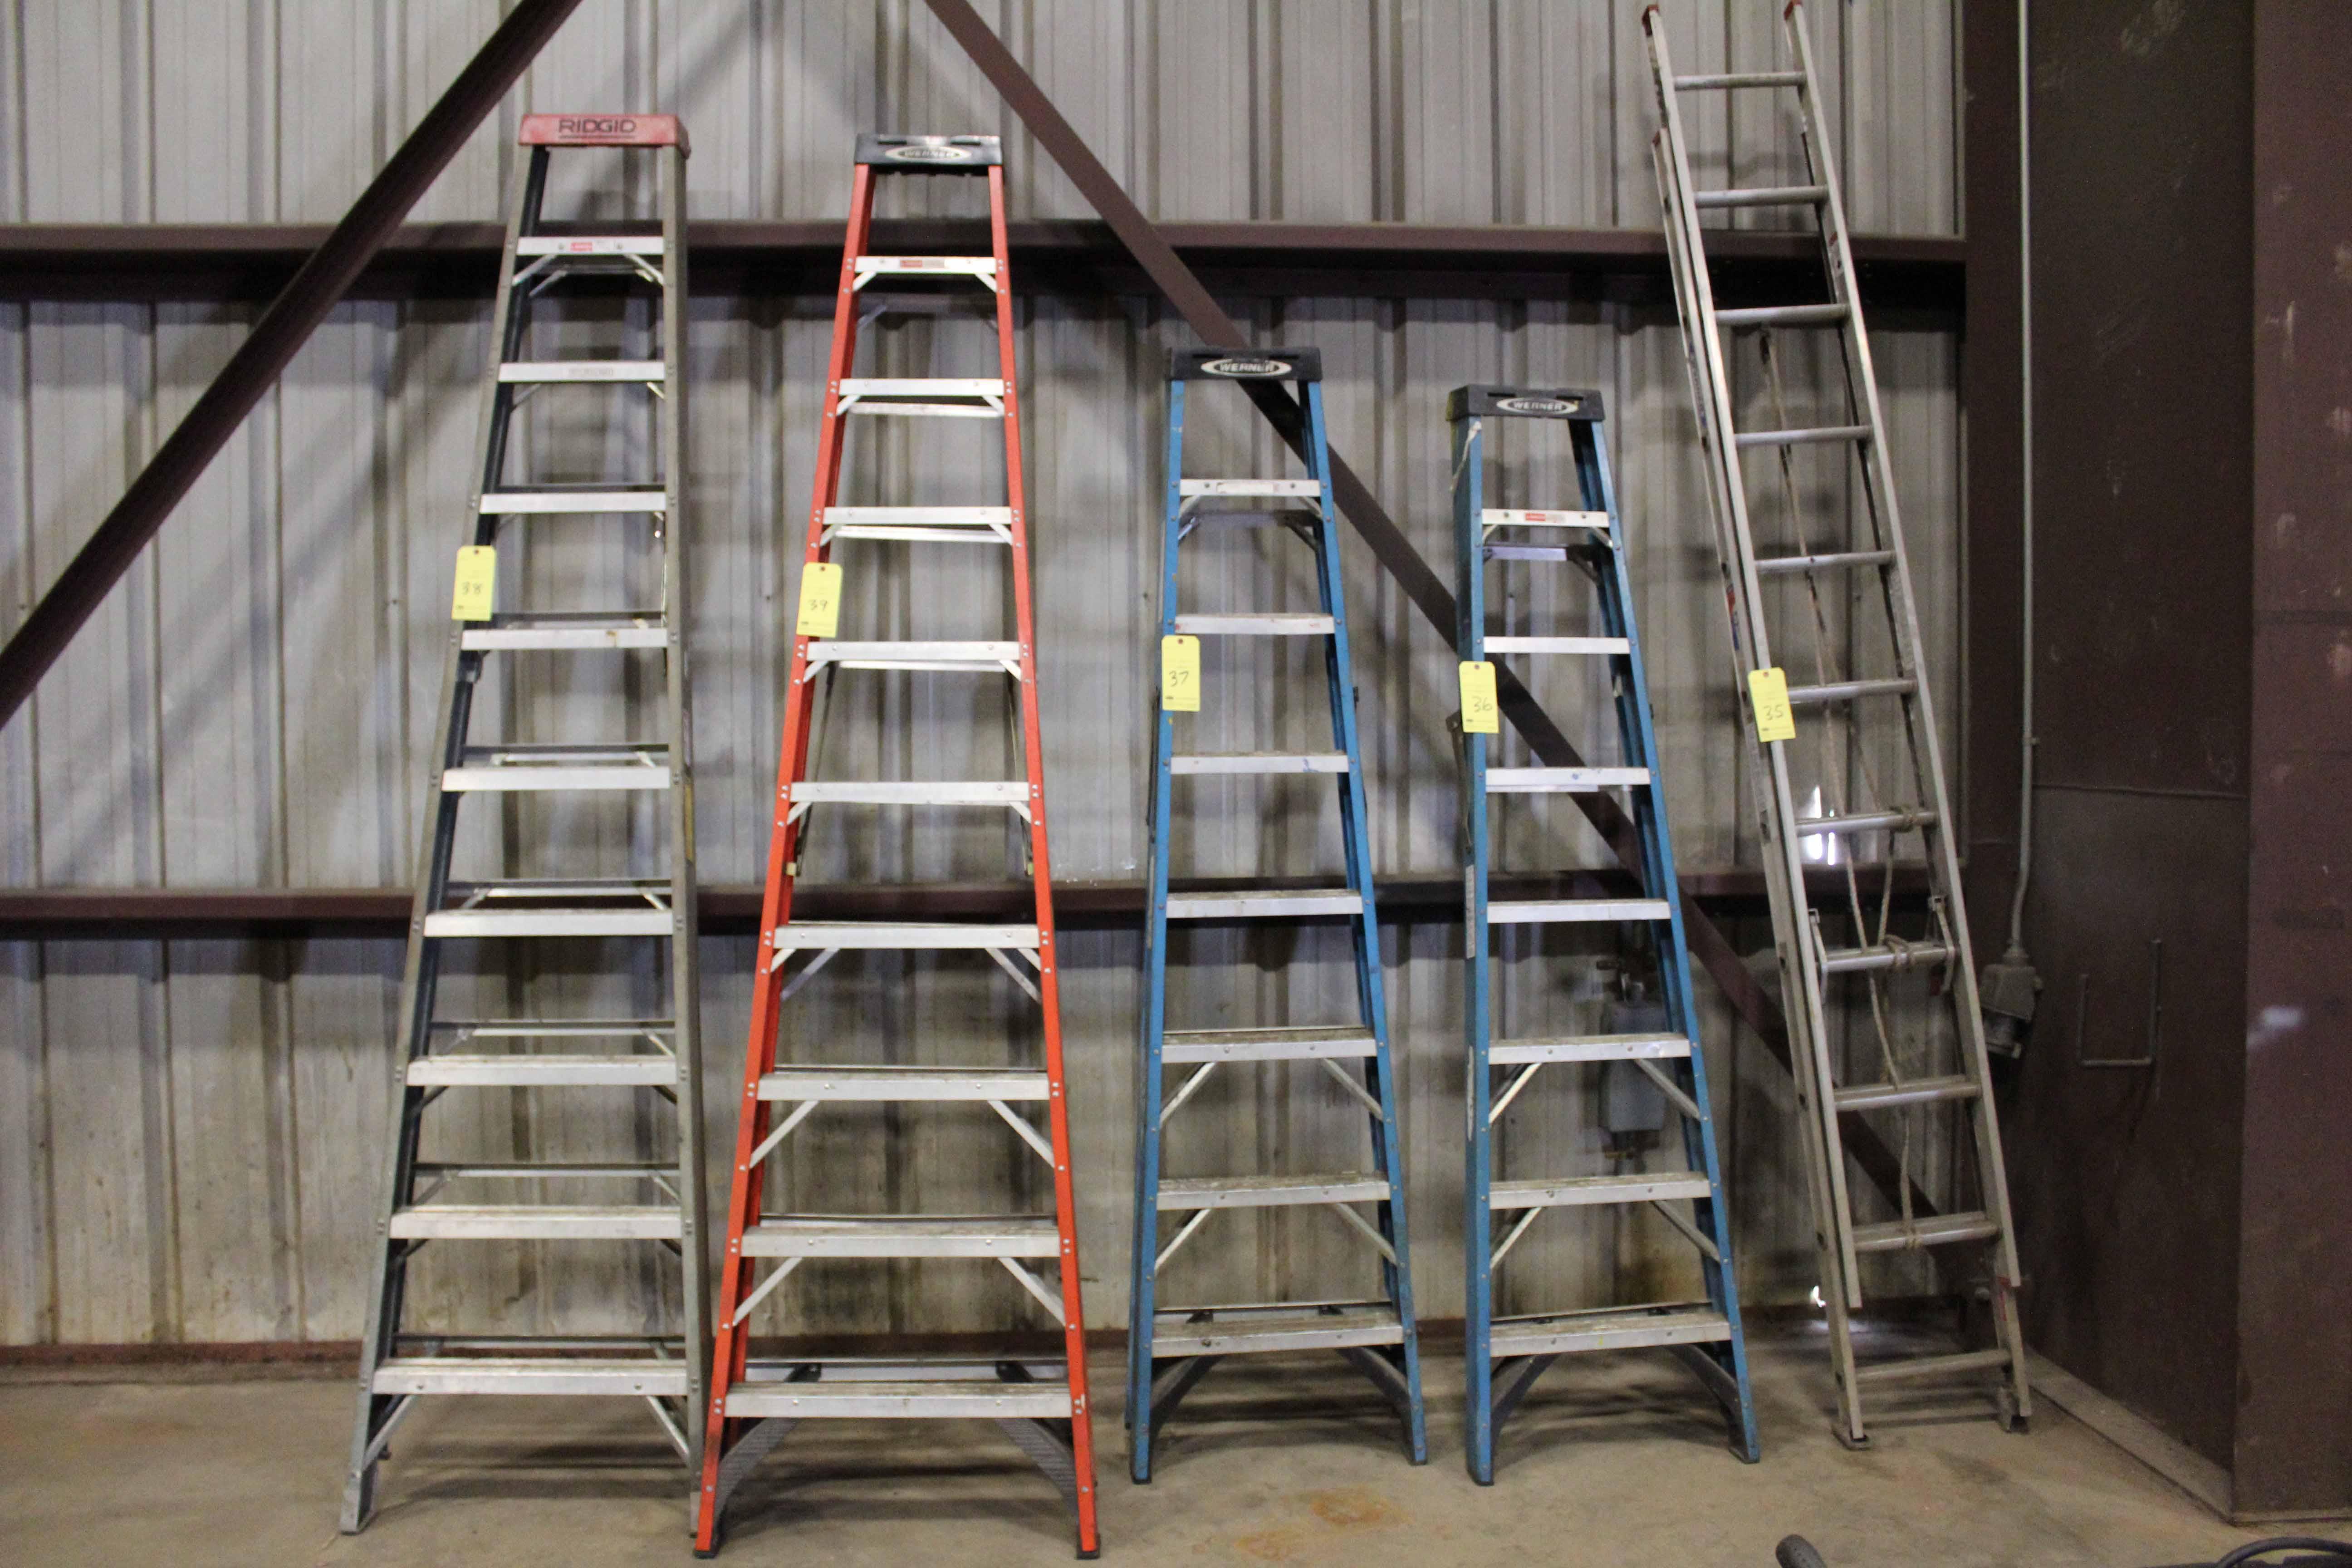 Lot 39 - STEP LADDER, RIDGID 10', fiberglass